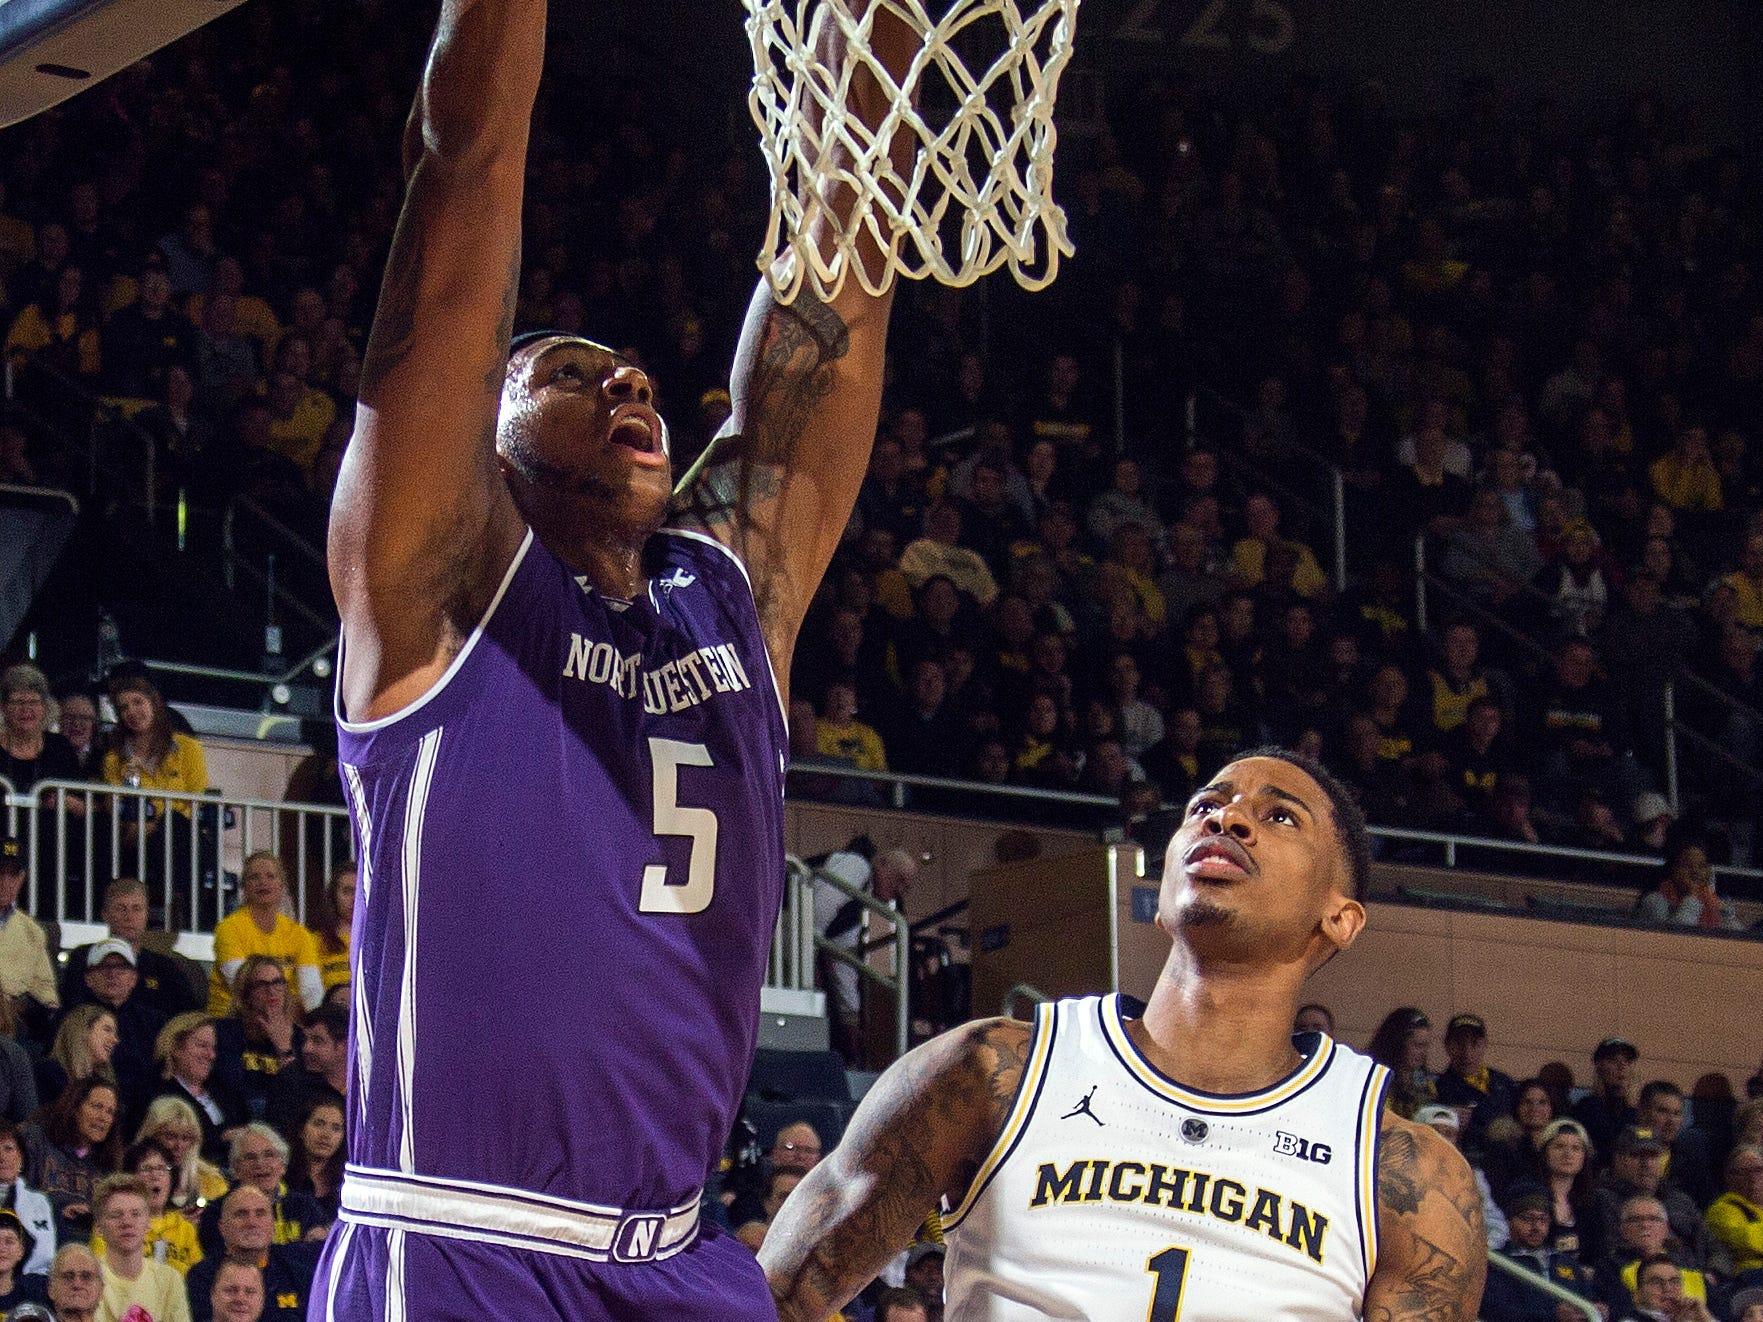 Northwestern center Dererk Pardon (5) dunks next to Michigan guard Charles Matthews (1) in the first half.